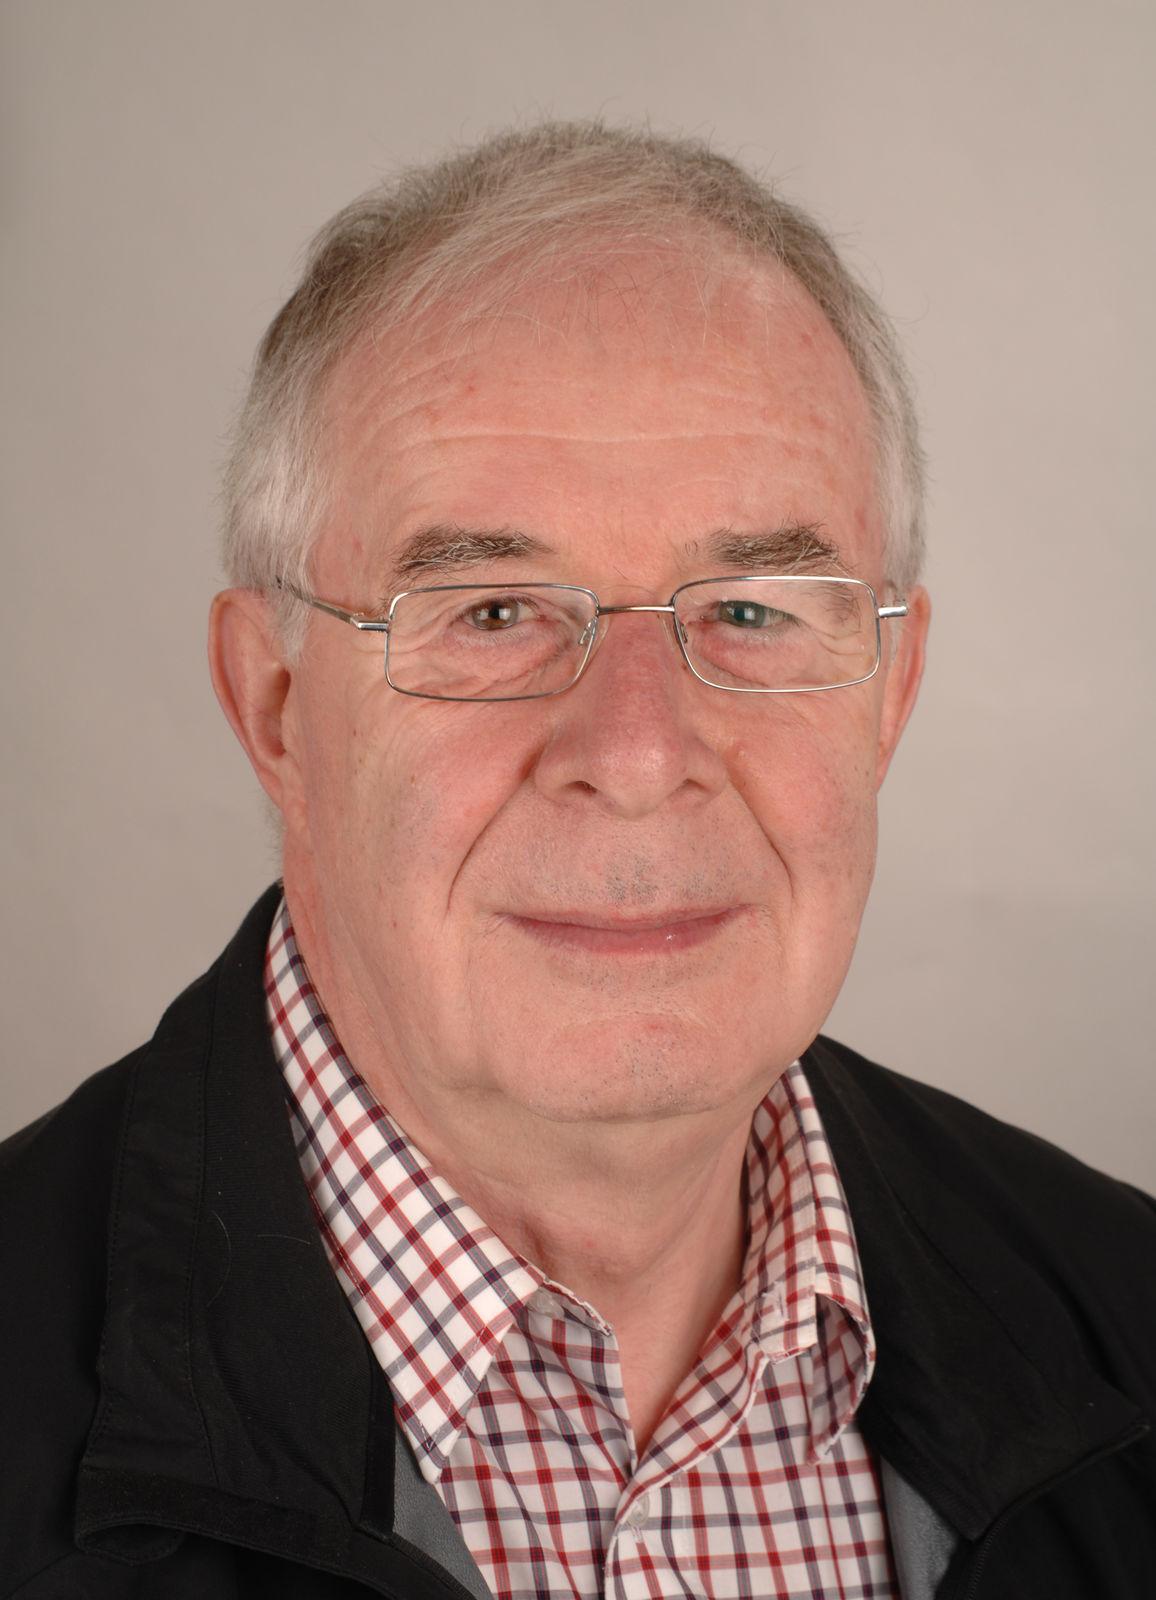 Dieter Behm